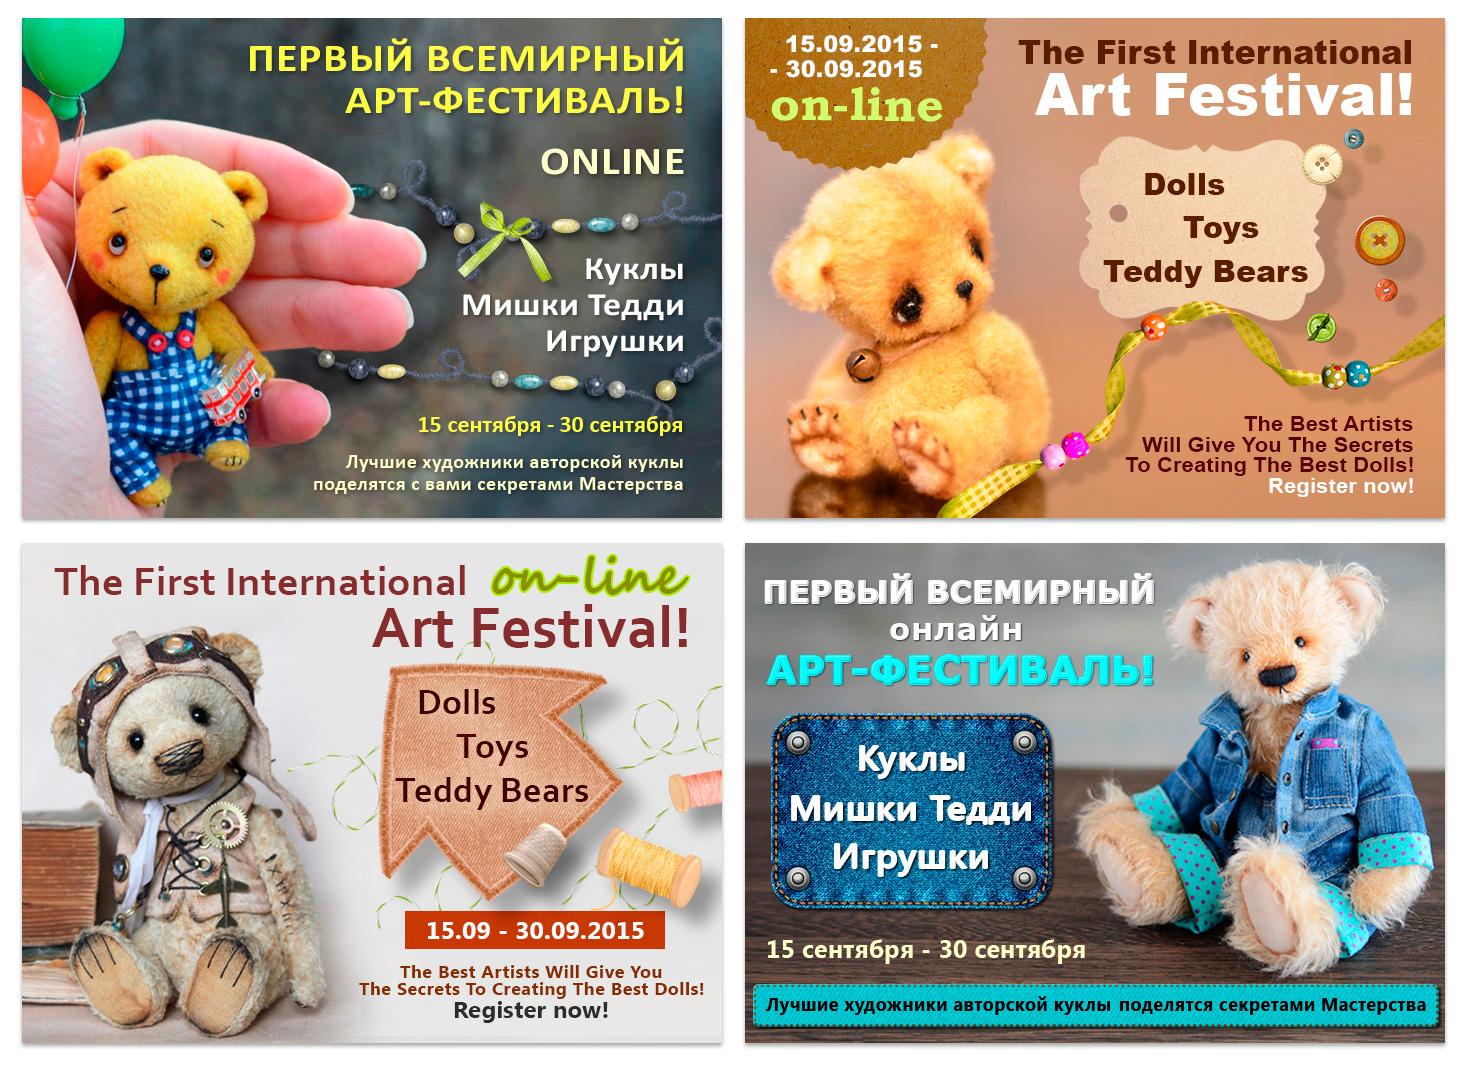 онлайн фестиваль игрушек_1